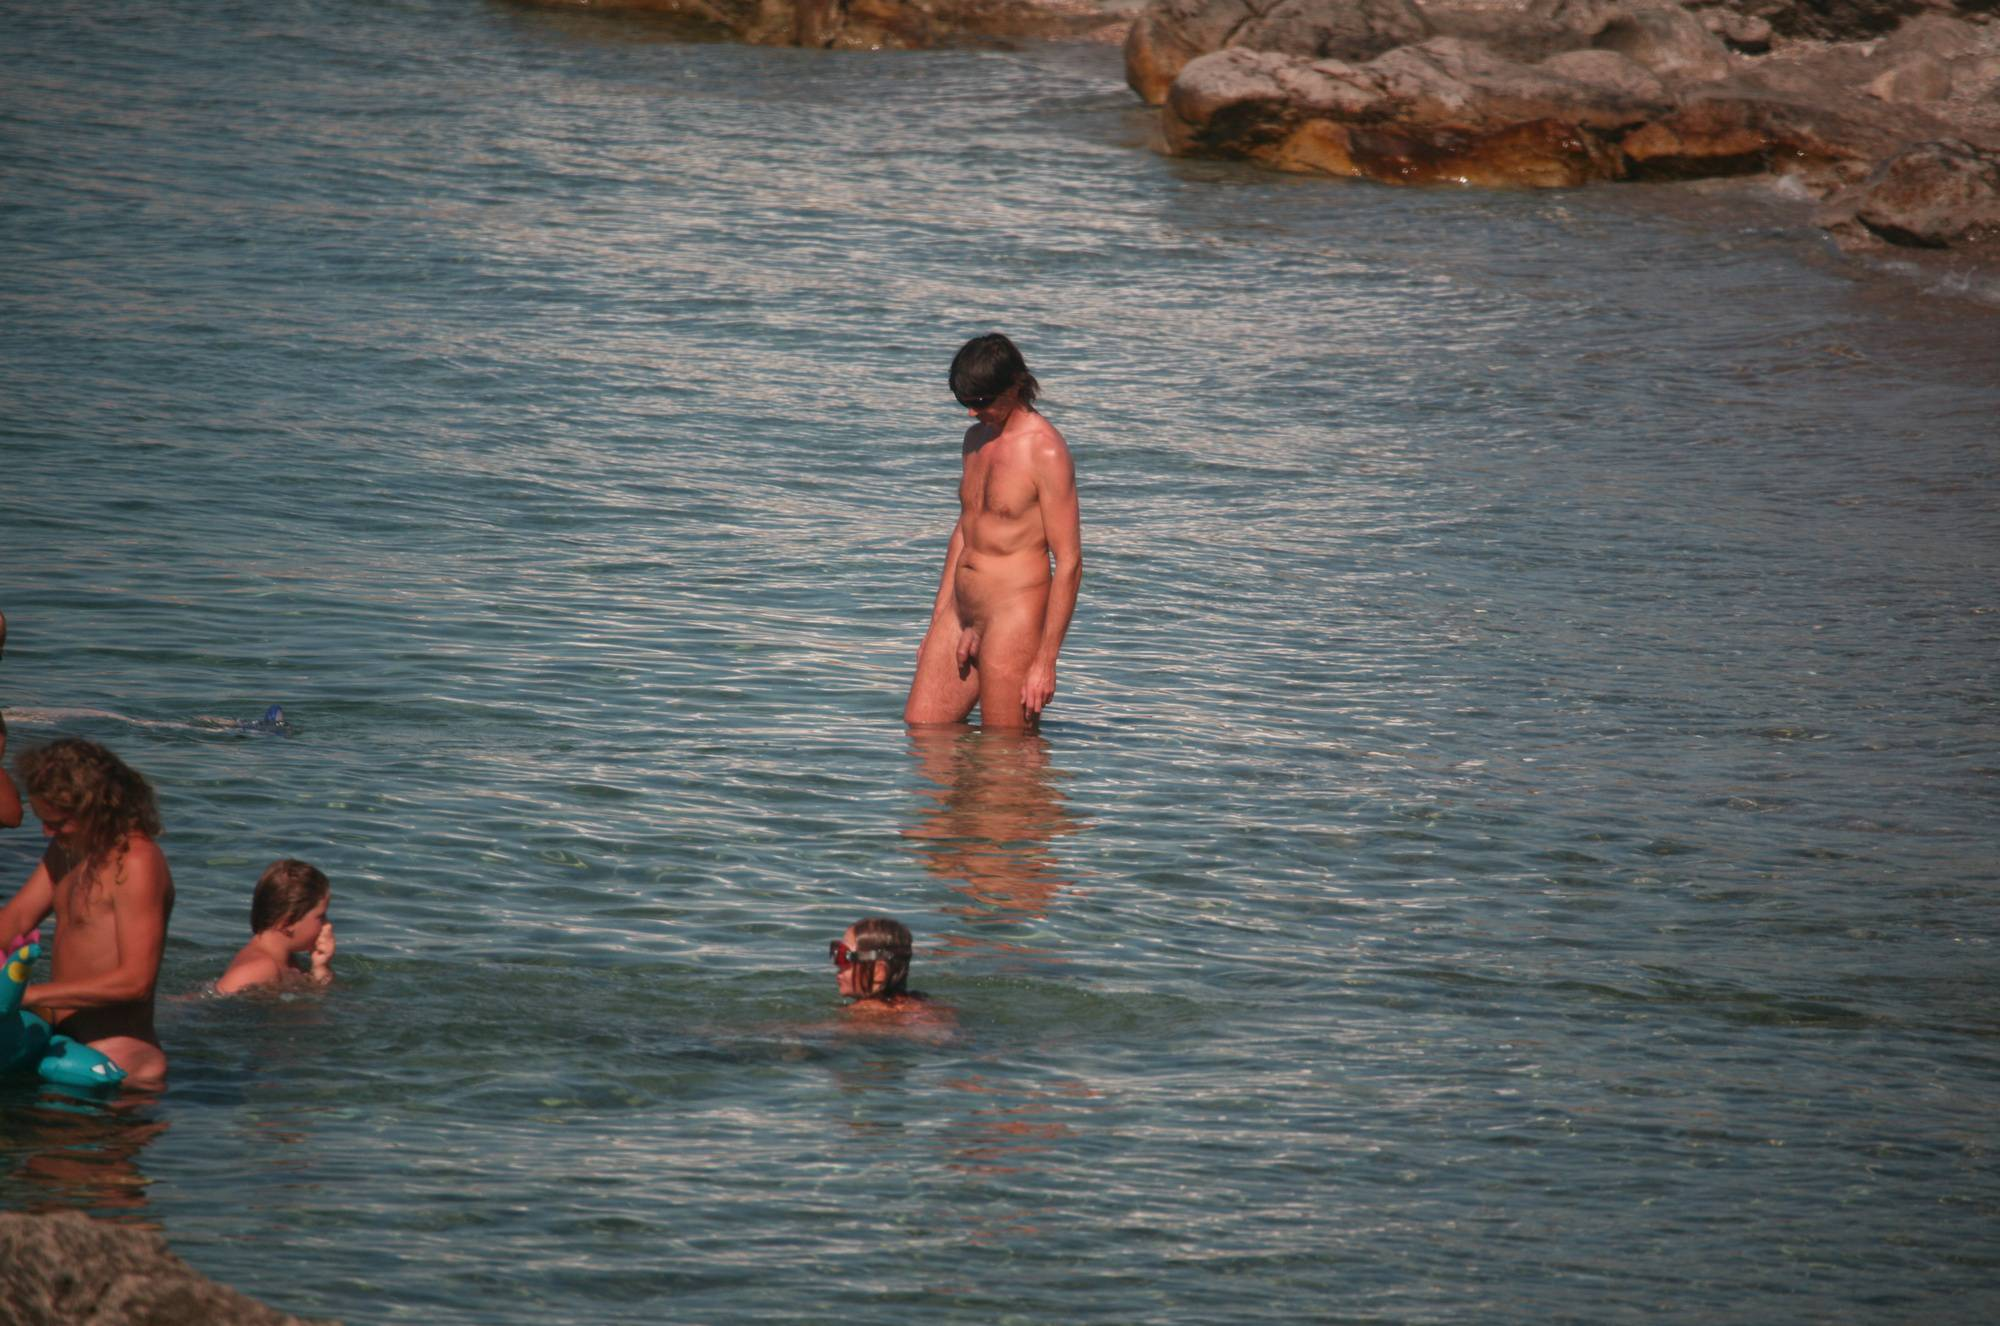 Crete FKK Skinny Dipping - 1